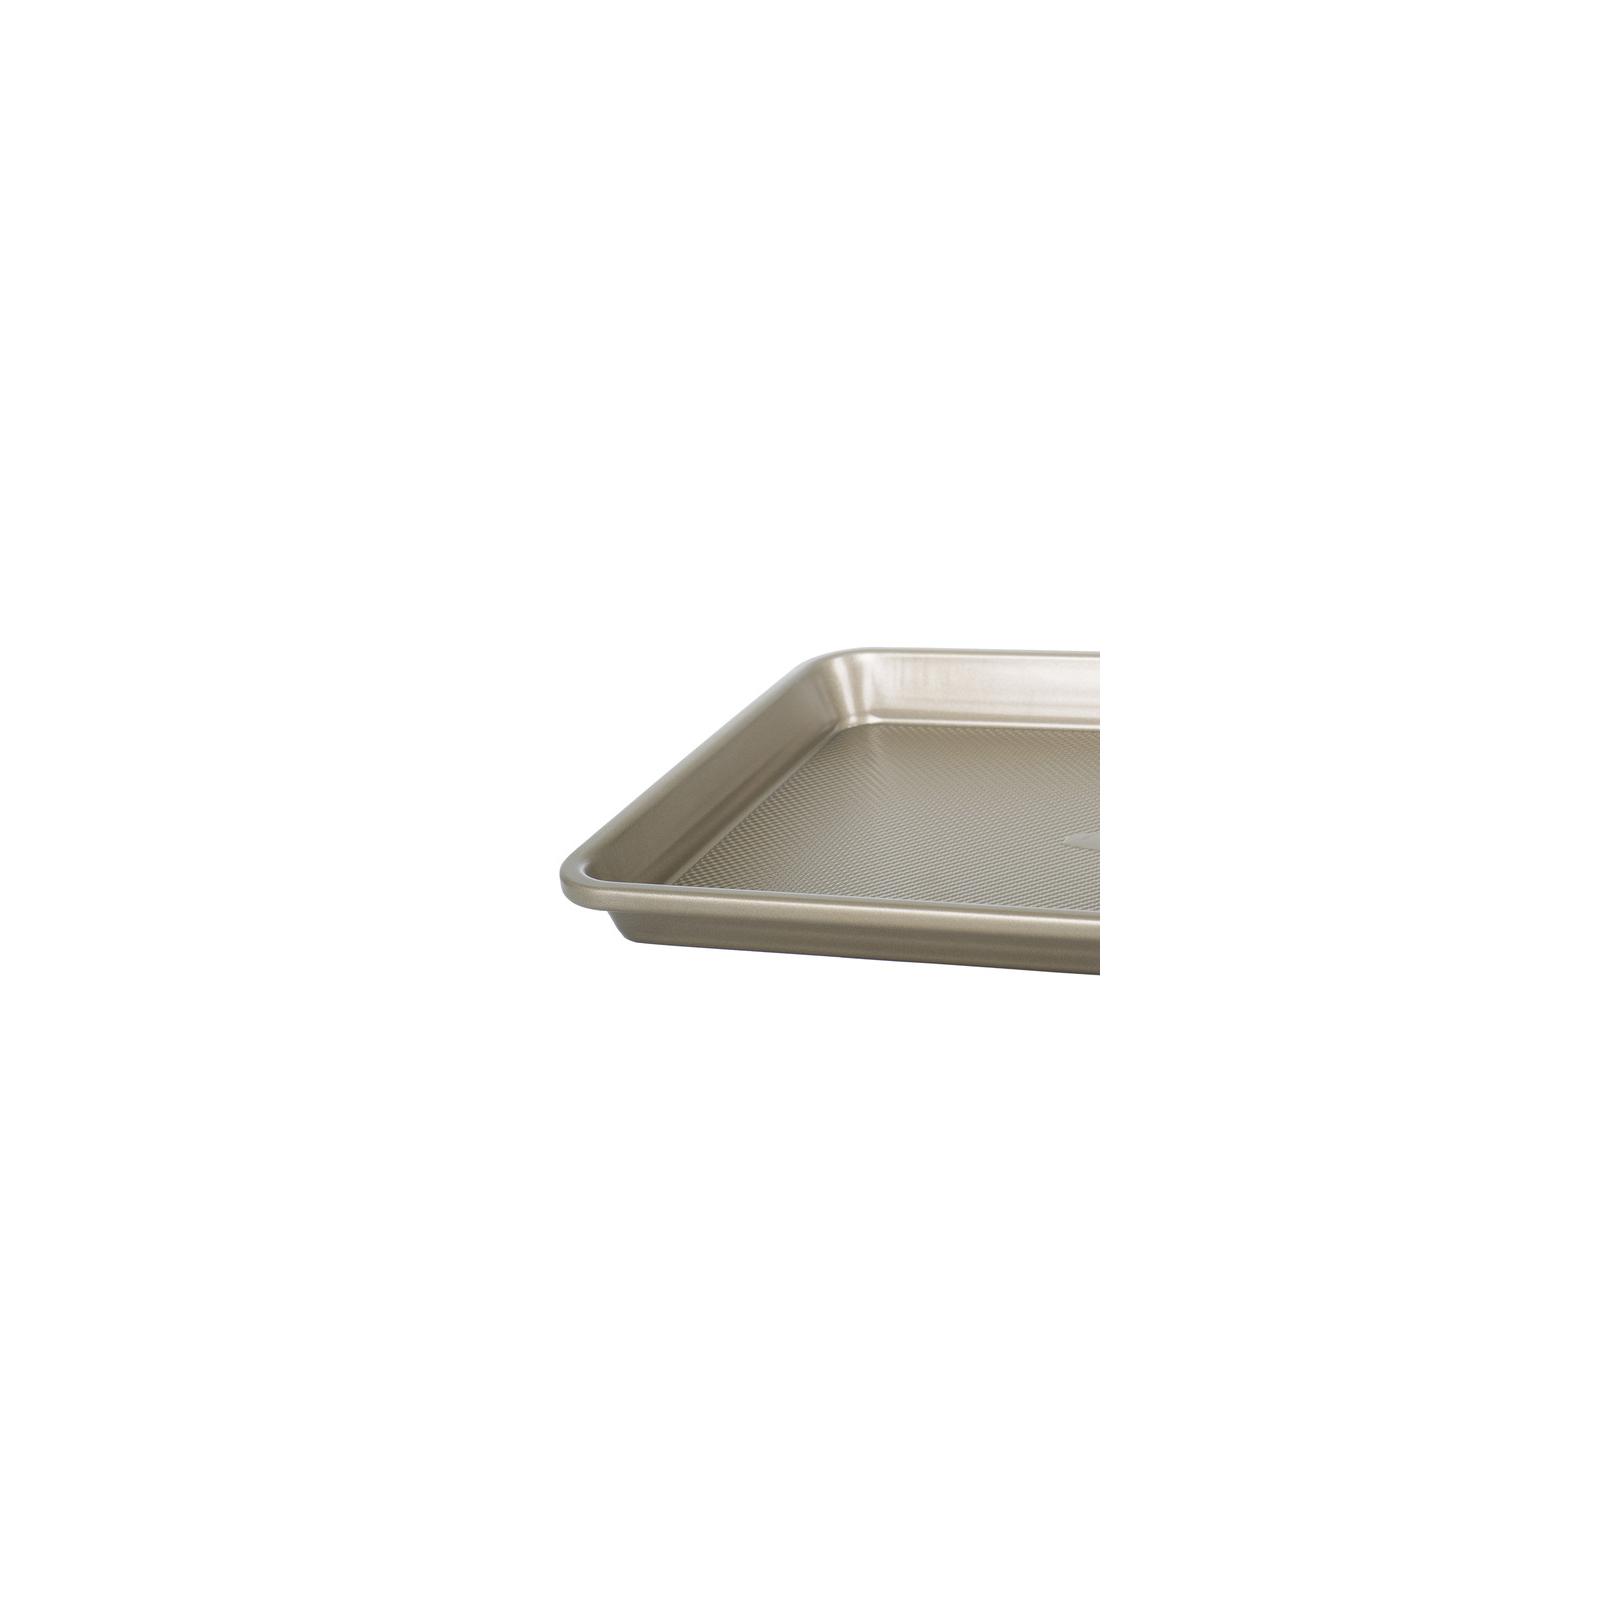 Форма для выпечки Ringel Marzipan прямоугольная 33 x 23 x 3 см (RG-10211) изображение 5